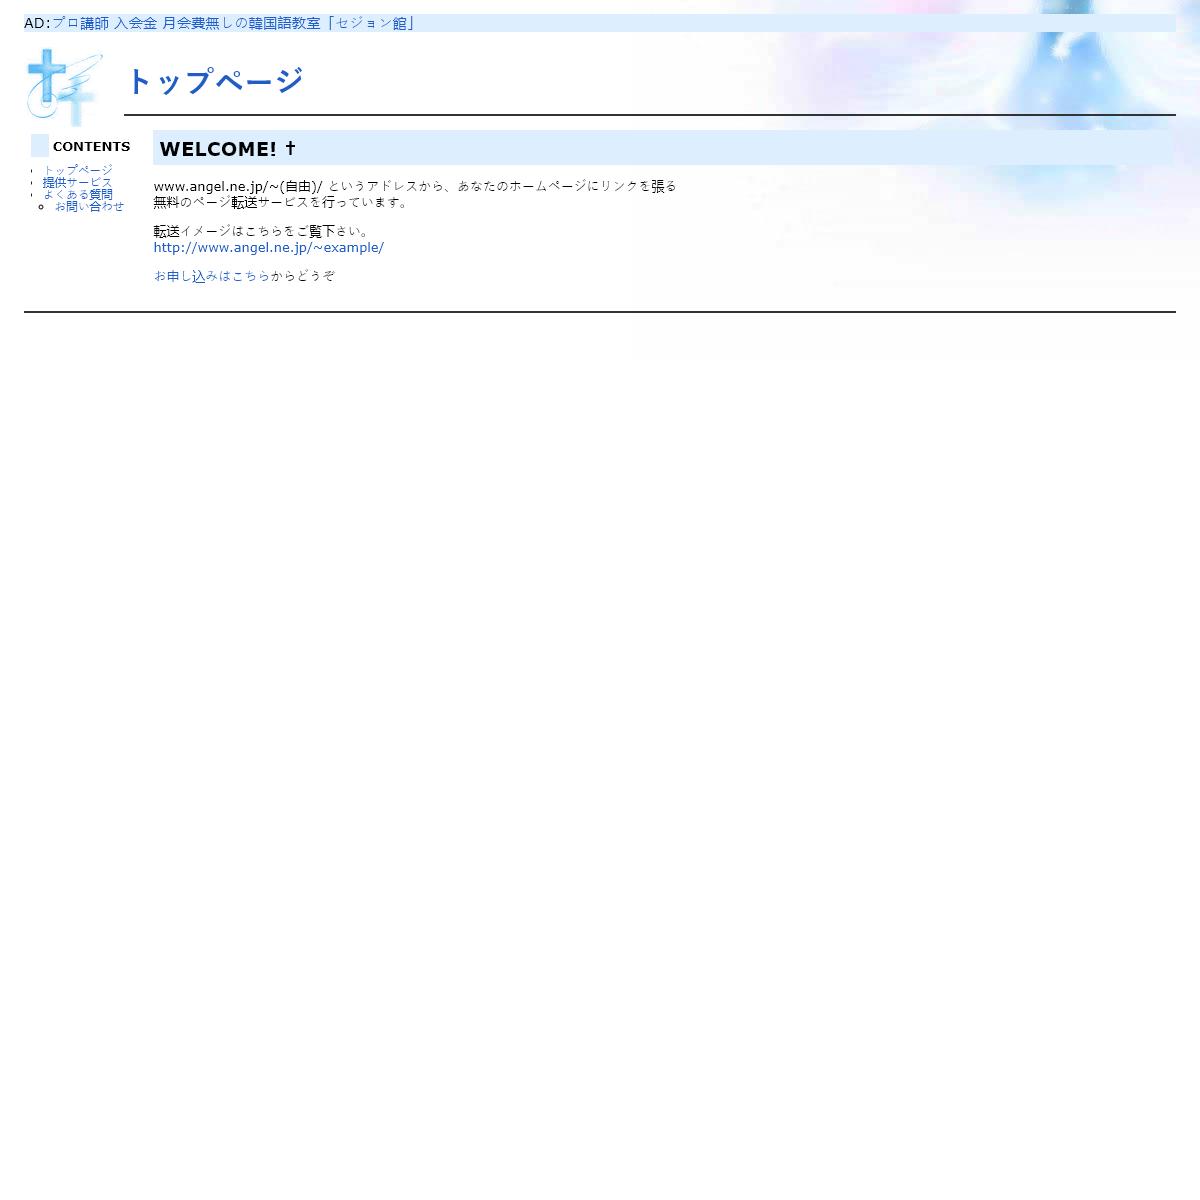 トップページ - Angel.ne.jp